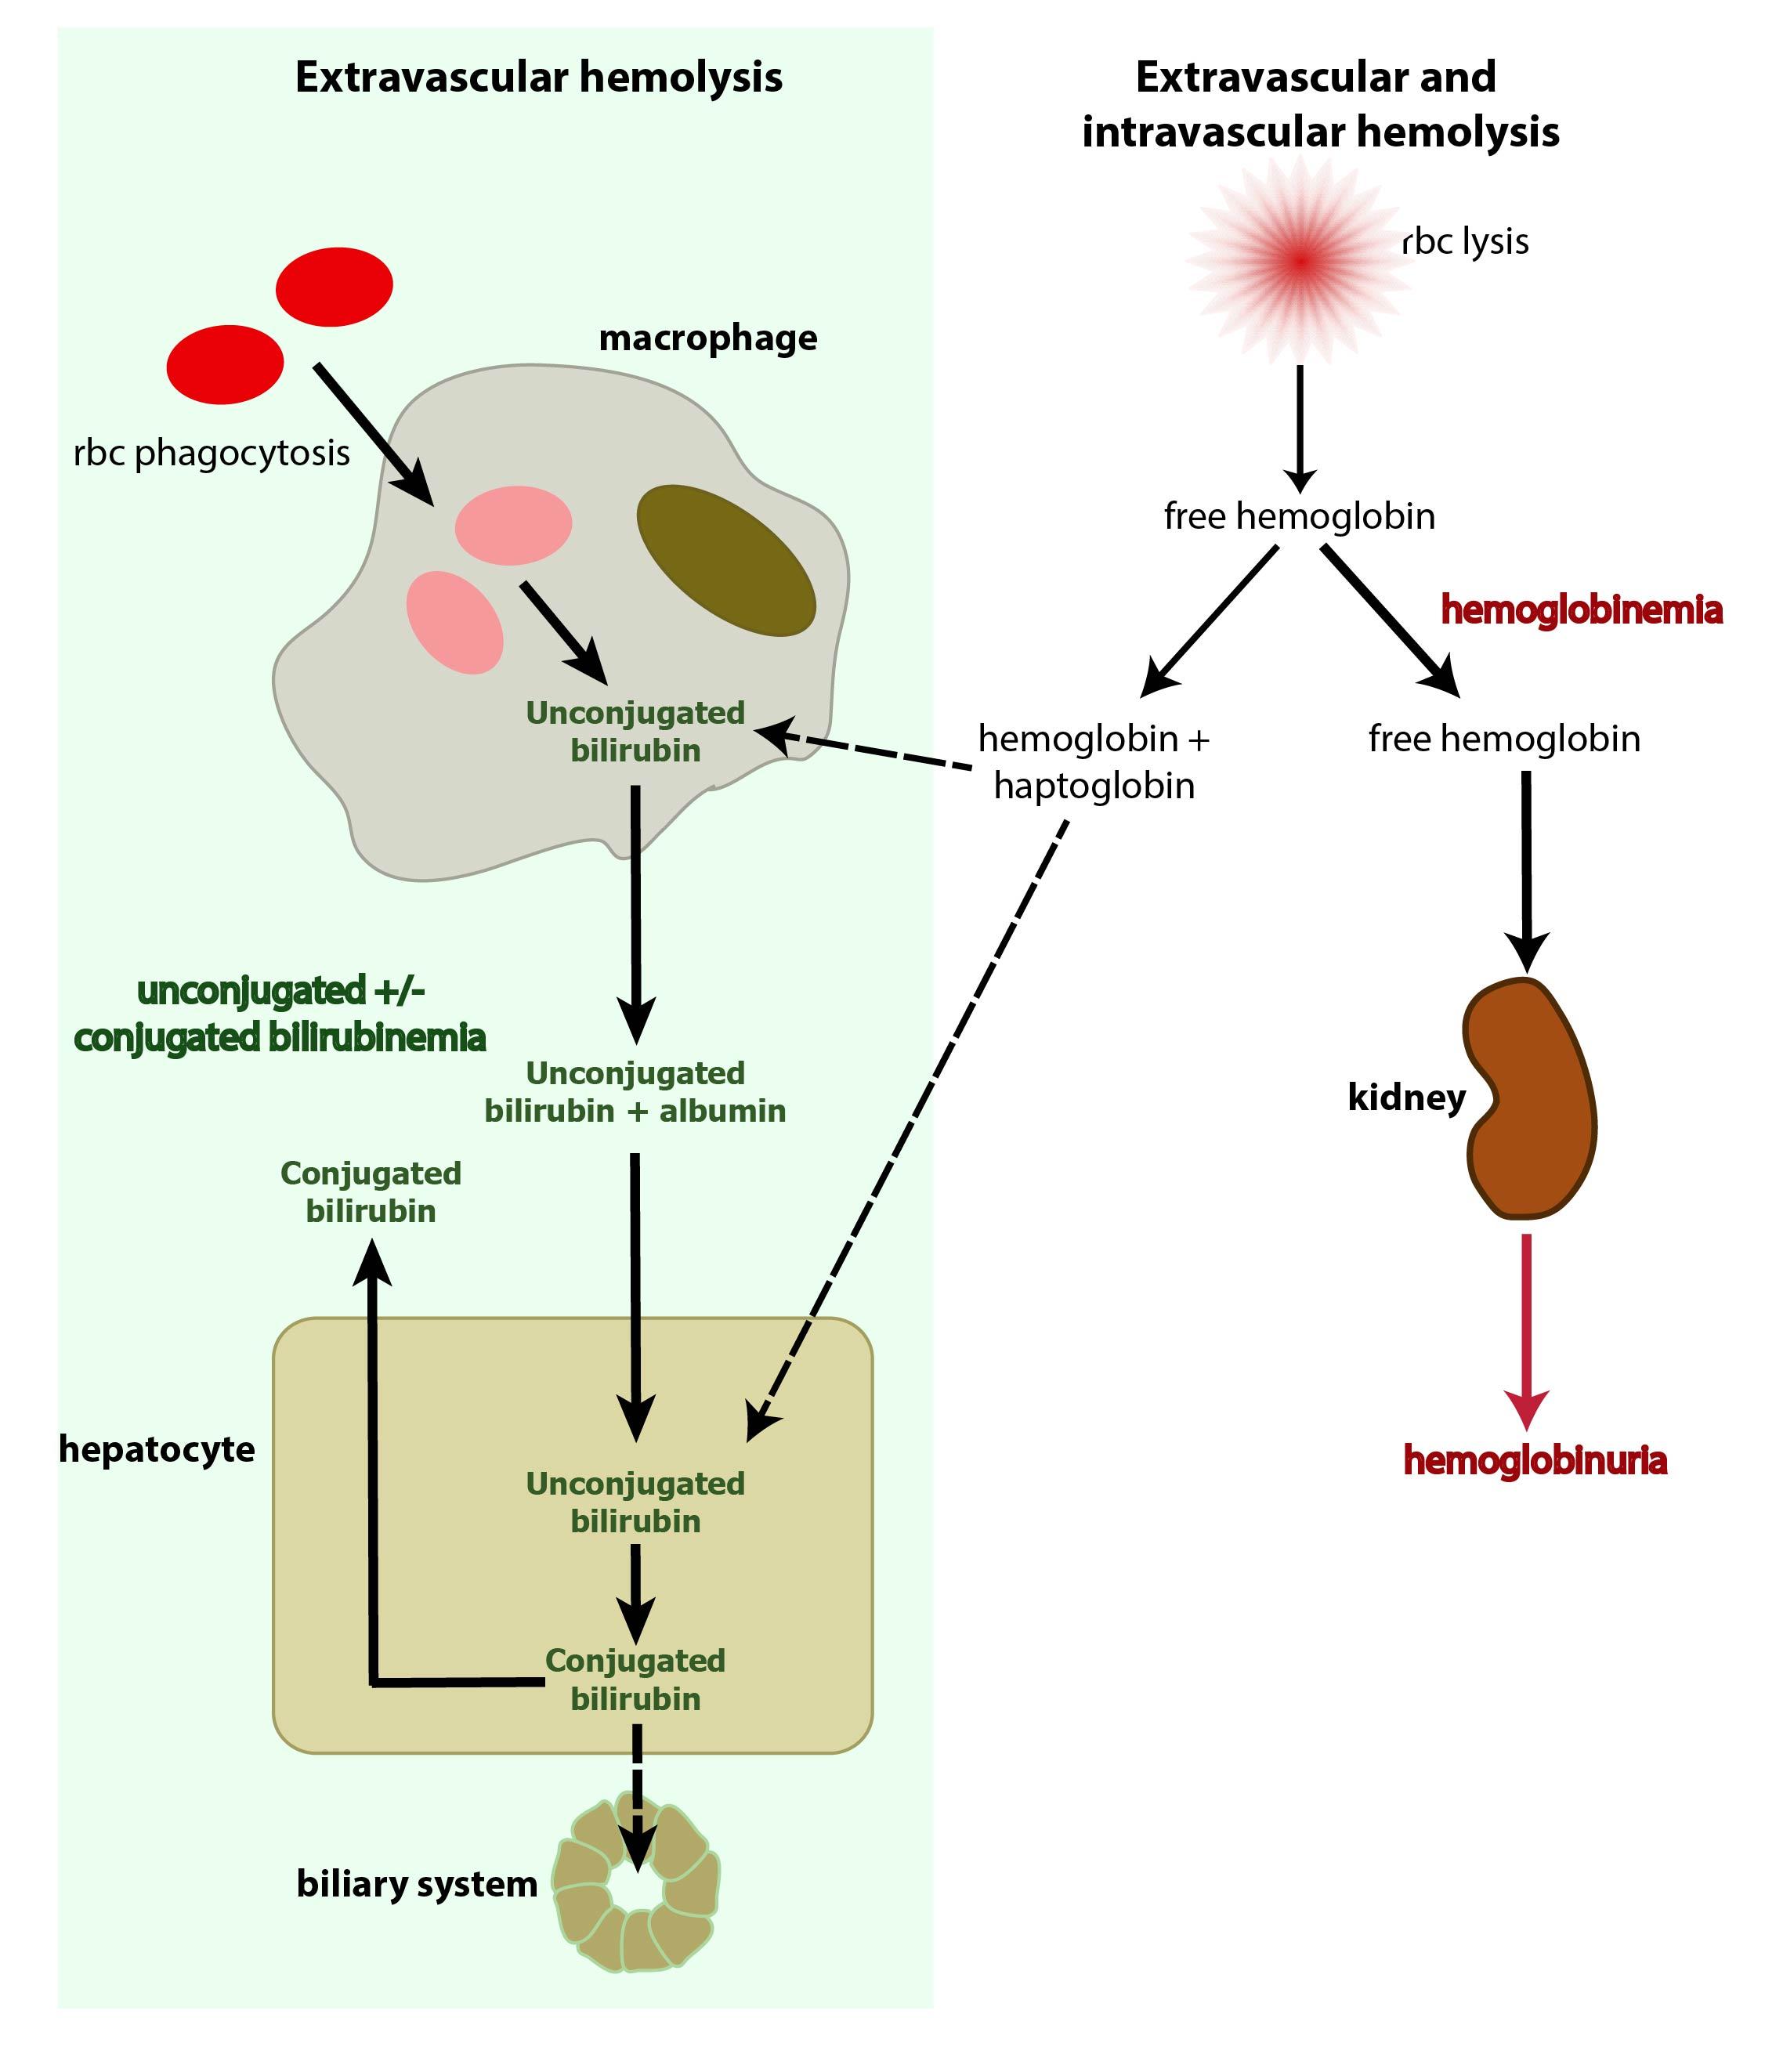 bilirubin hemolysis